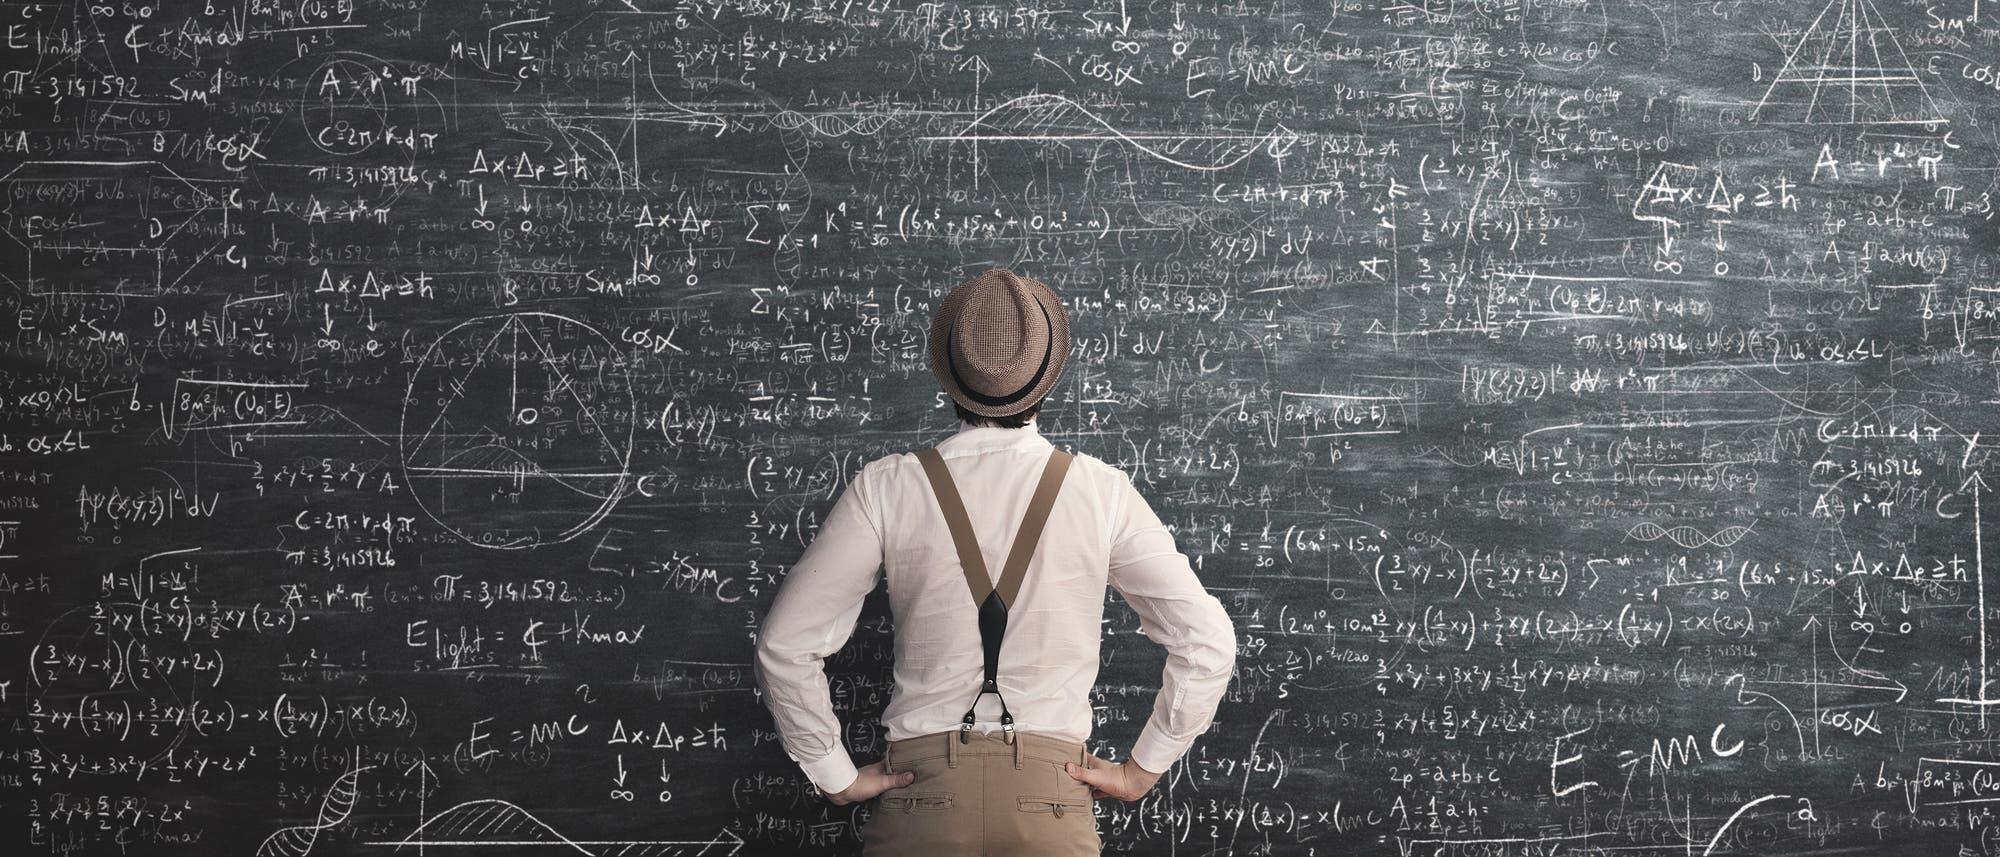 Ein Mann steht vor einer riesigen Tafel voller mathematischer Berechnungen